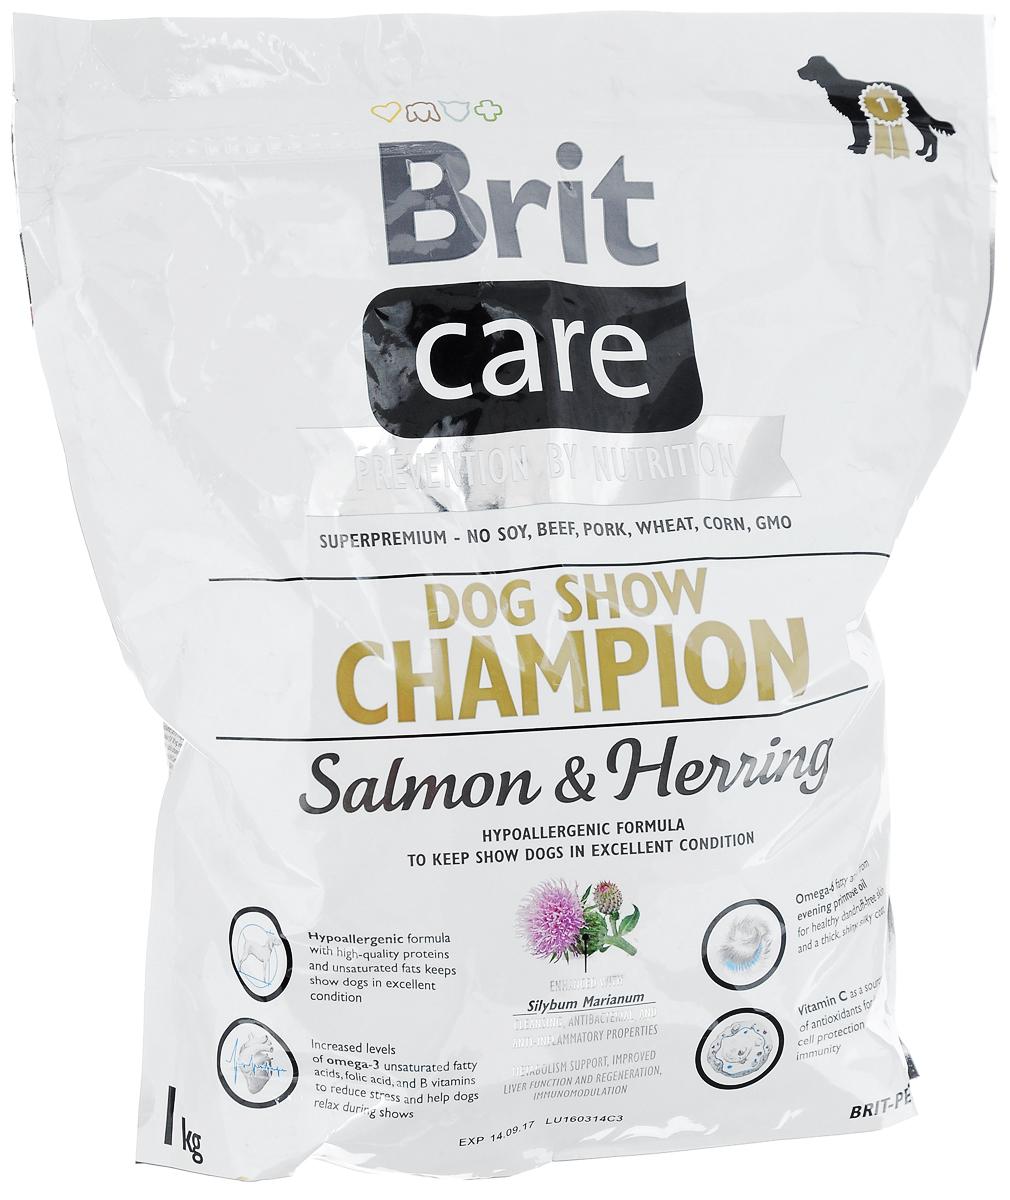 Корм сухой Brit Care, для выставочных собак, с лососем, сельдью и рисом, 1 кг8595602510429Полнорационный, гипоаллергенный корм Brit Care предназначен для взрослых собак всех пород участвующих в выставках. Повышенное содержание витамина С и жирных кислот омега-3 защитят организм собаки от вредного воздействия стресса. Гипоаллергенная формула - мясо лосося и сельди, также подходит собакам с чувствительным пищеварением. Белок из мяса рыб обладает превосходной усвояемостью, что особенно важно в выставочный период, так как собаки часто подвергаются стрессовым ситуациям. Лососевый жир, благодаря содержащимся в нем полиненасыщенным жирным кислотам, благотворно влияет на качество кожи и шерсти животного. MOS (маннан-олигосахариды) поддерживают здоровье кишечника, сокращают патогенную микрофлору.Товар сертифицирован.